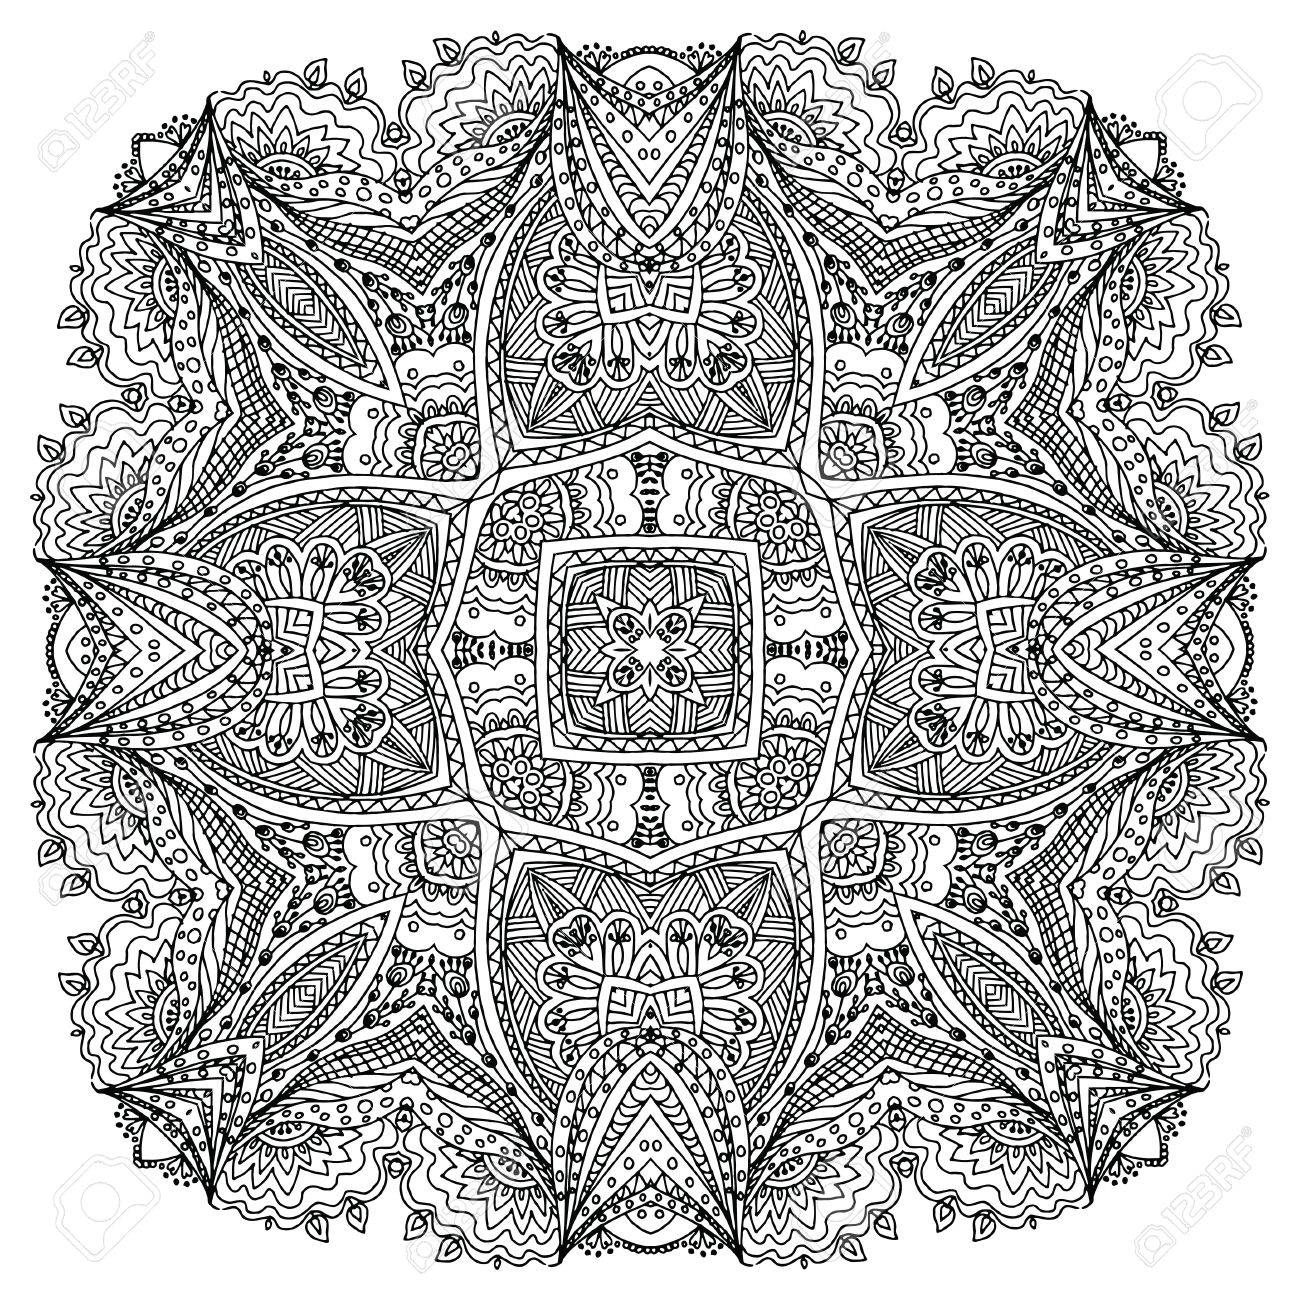 Doodle Imagen Dibujo Para Colorear La Mandalait Puede Ser Utilizado Como Un Elemento De Diseño Decorativo Para Libros Para Colorear